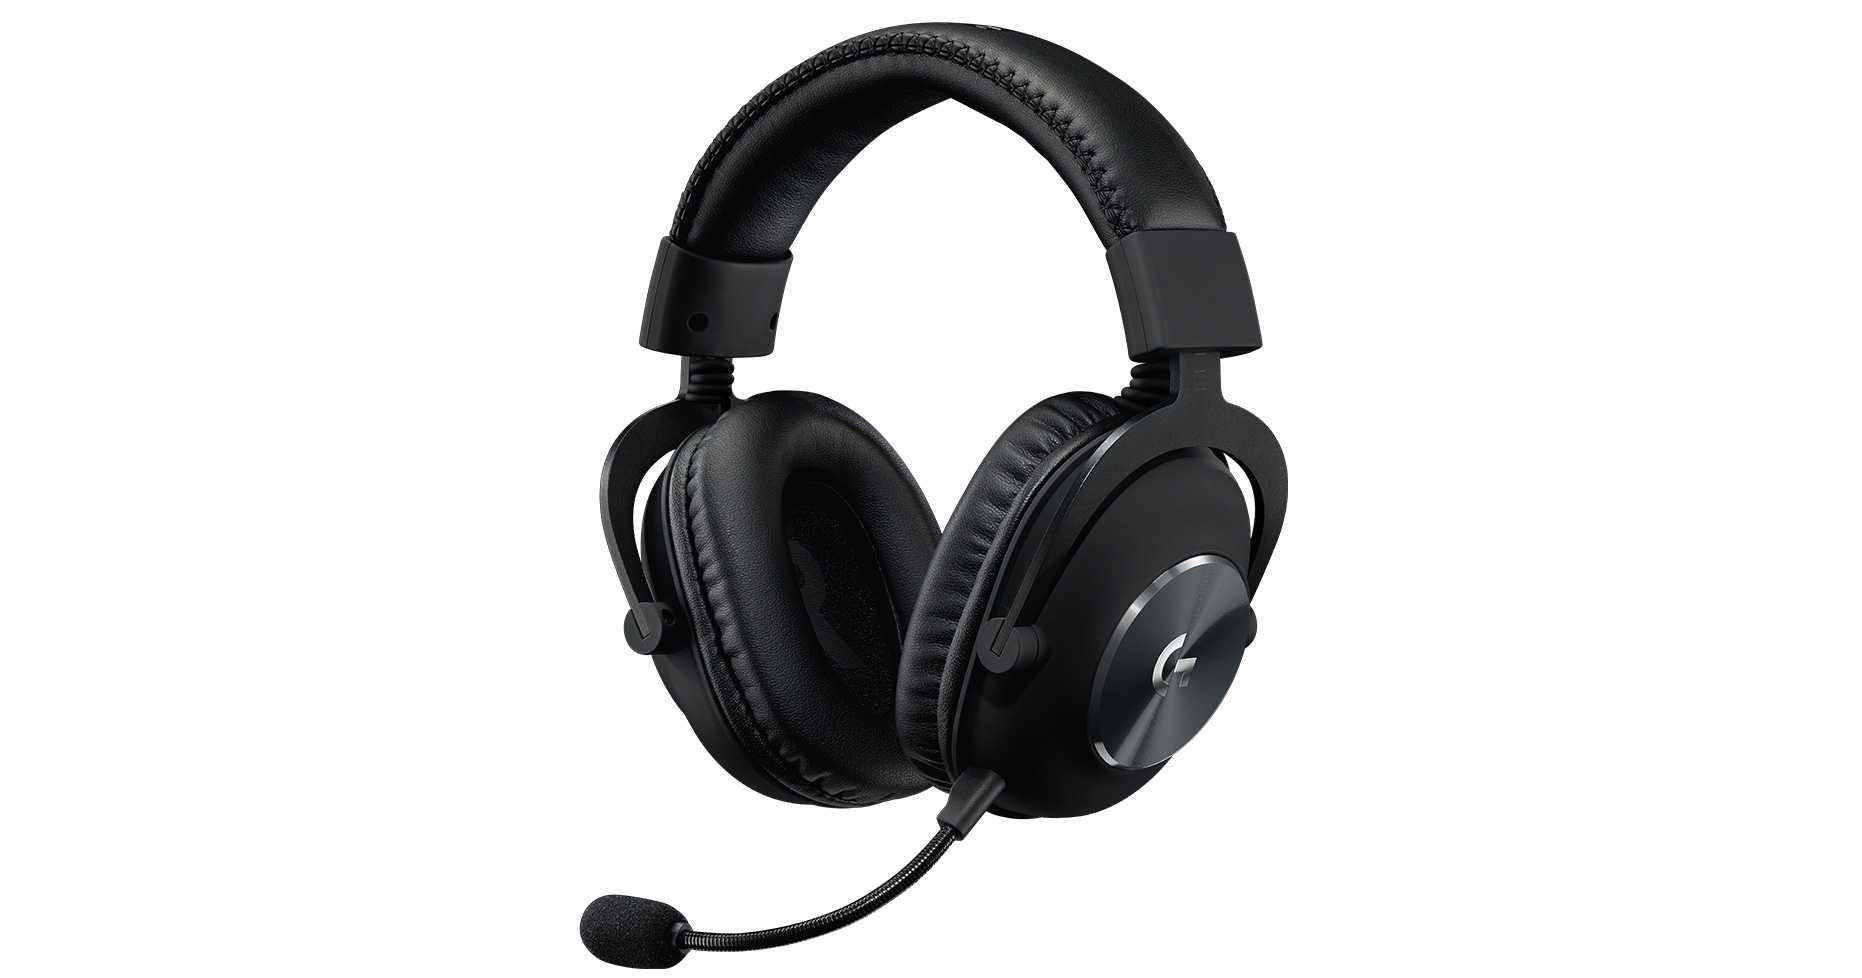 Menos de 90 euros por este auricular gaming Logitech G Pro